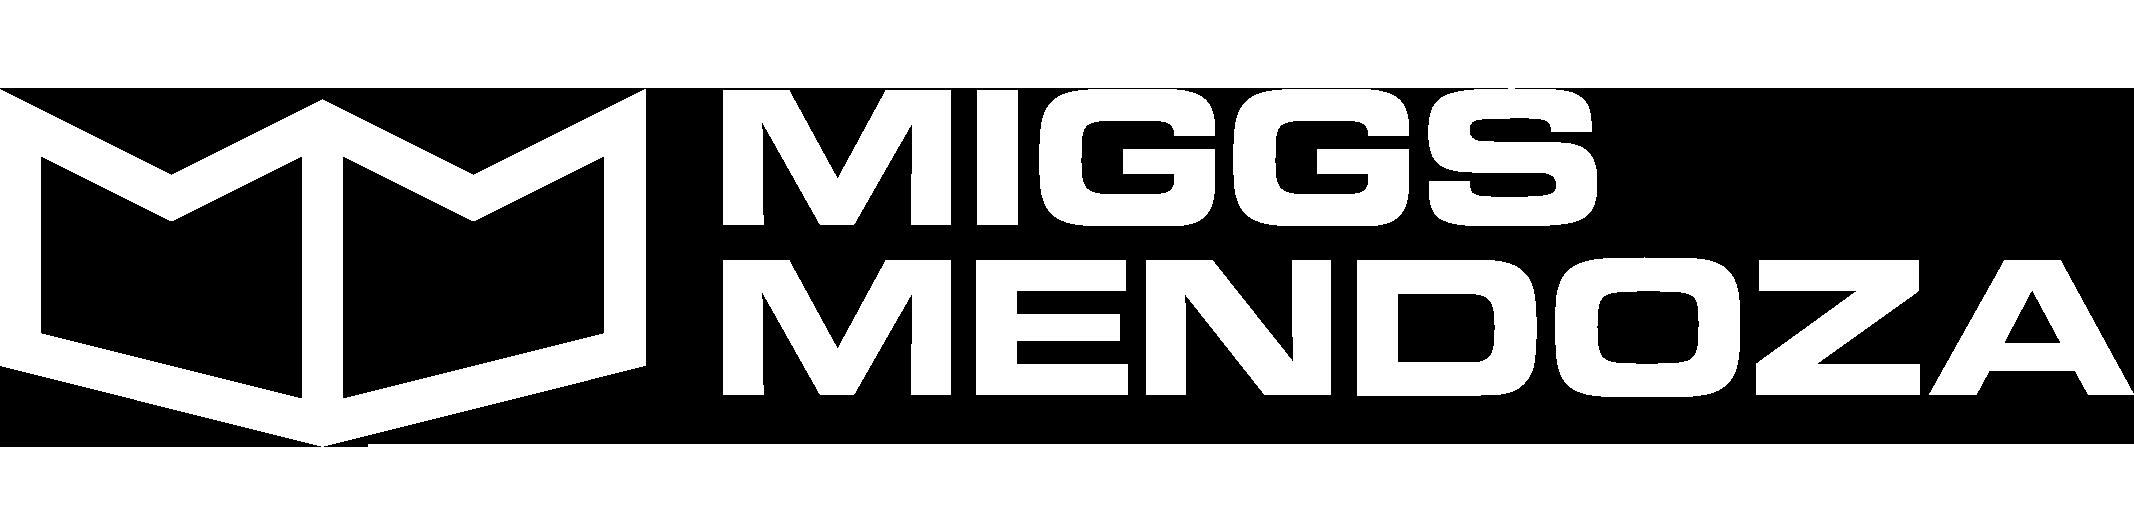 Miggs Mendoza